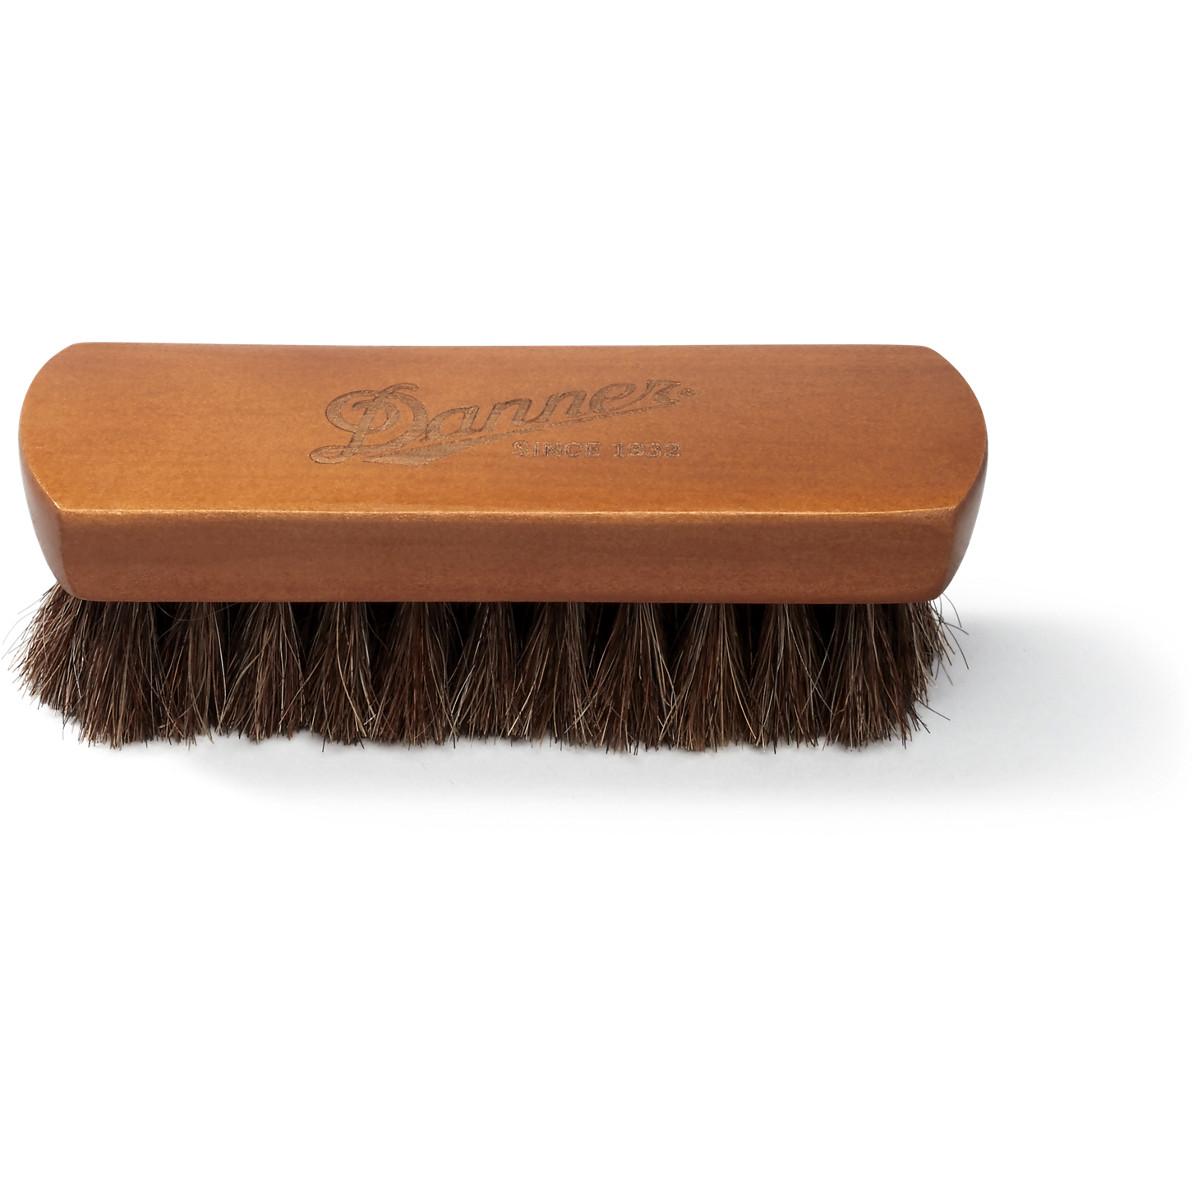 Large Buffing Brush